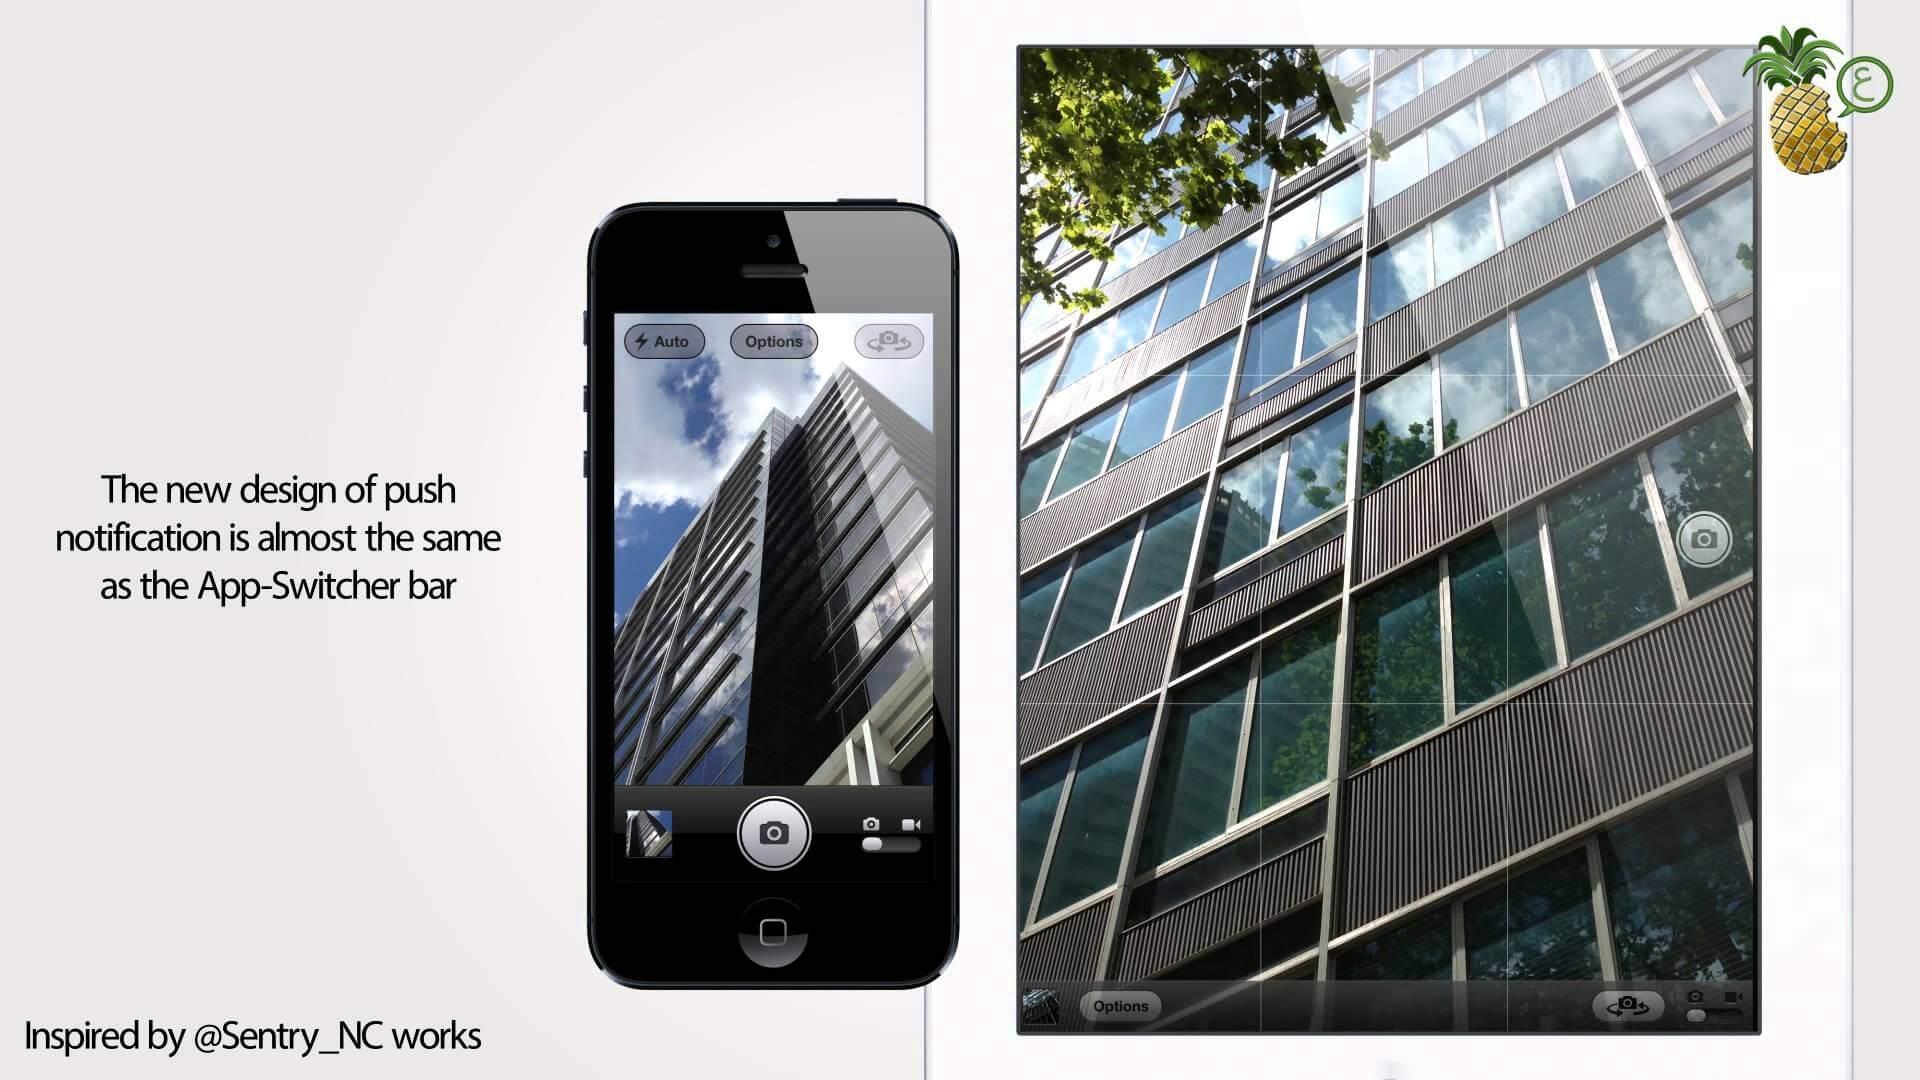 Lanzamiento del iPhone 5S, iOS 7 y Siri 2